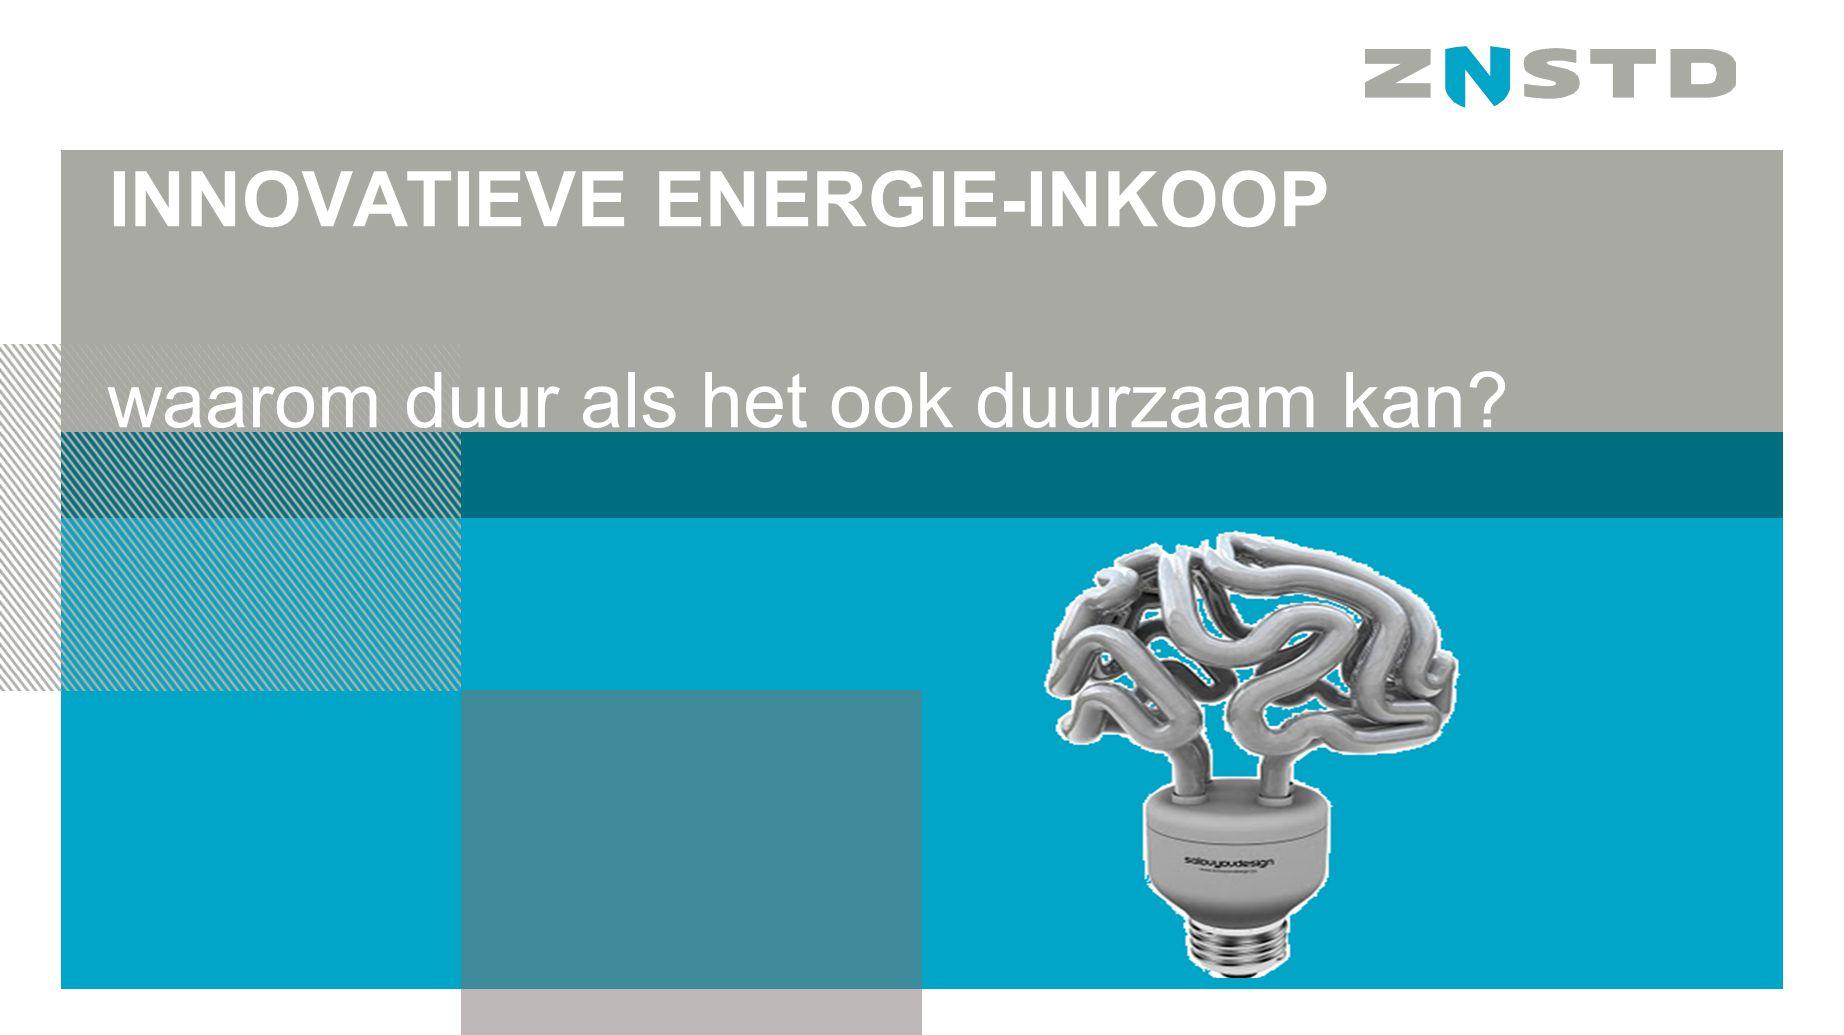 INNOVATIEVE ENERGIE-INKOOP waarom duur als het ook duurzaam kan